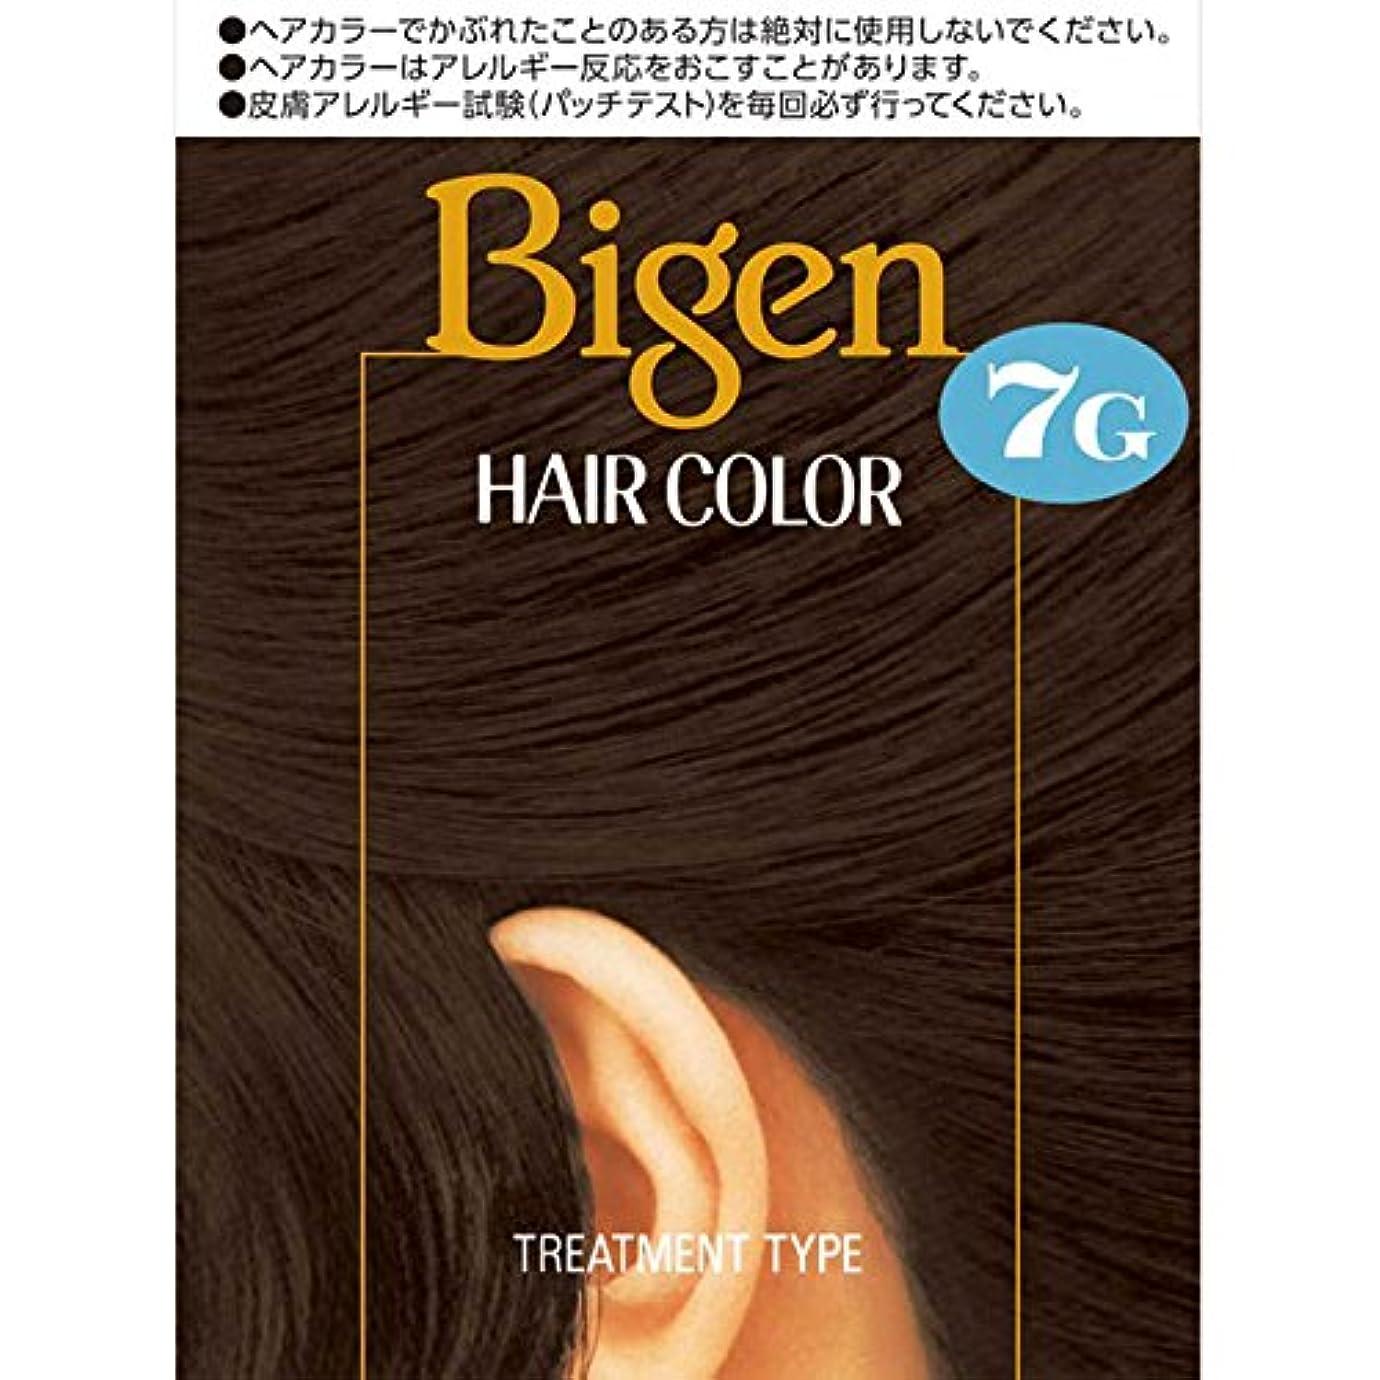 悩む運営確立ホーユー ビゲン ヘアカラー 7G 自然な黒褐色 40ml×2